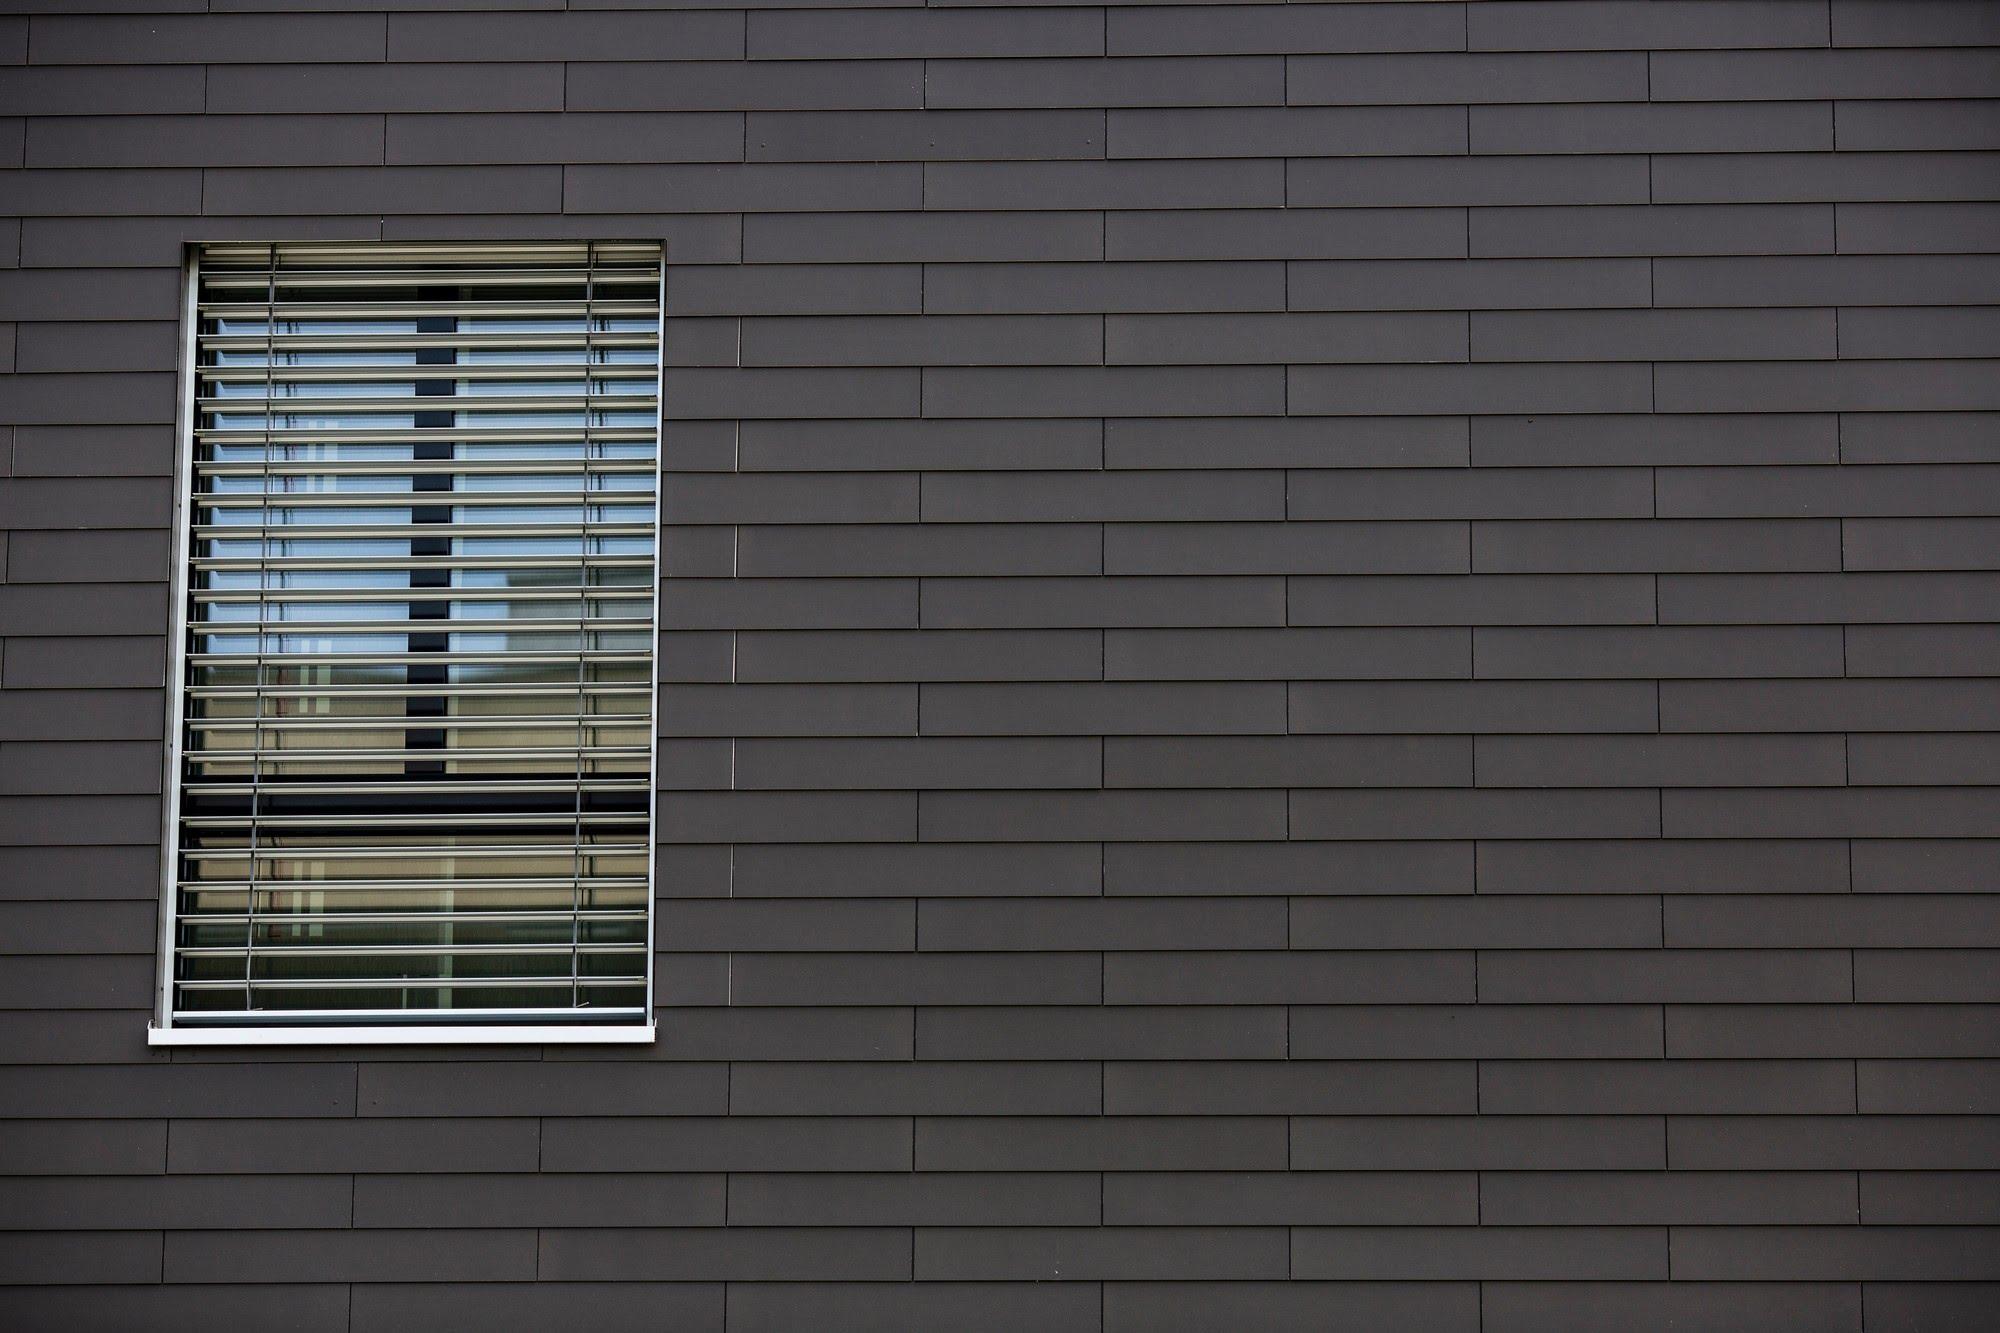 Wohnungsbau Wohnüberbauung Haselwarte Süd